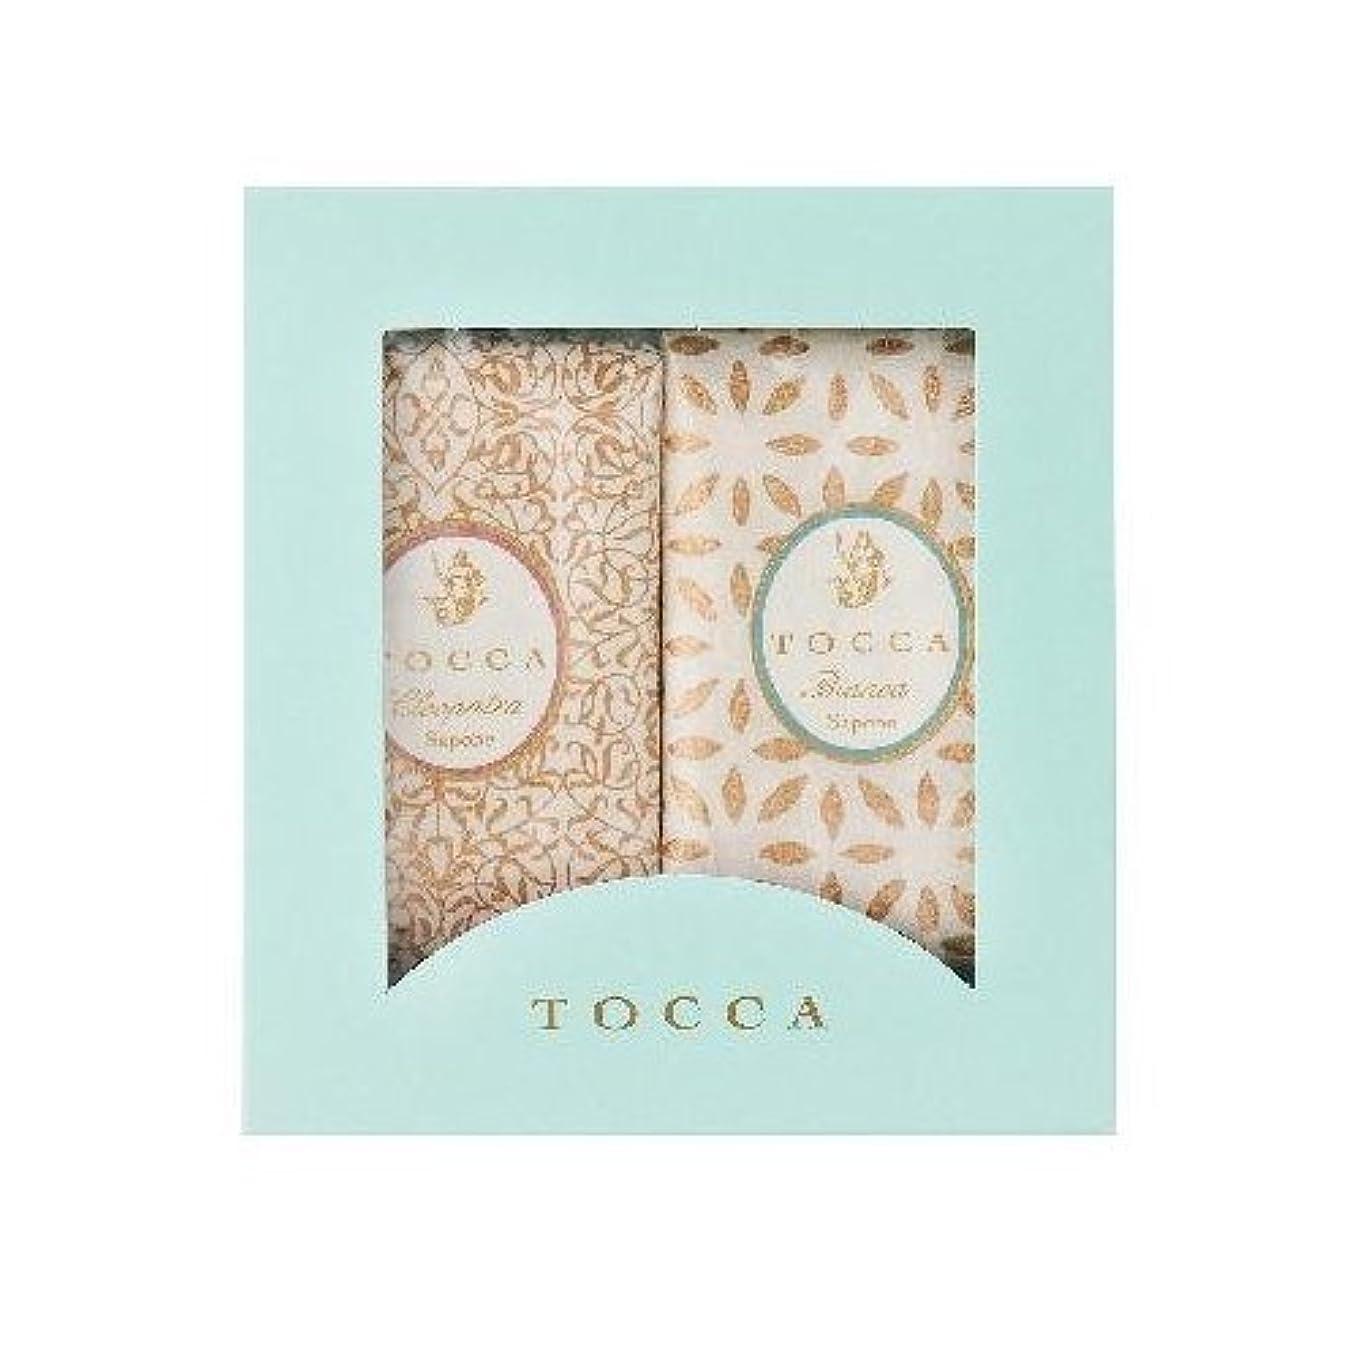 せがむ活気づける研磨剤トッカ(TOCCA) ソープバーBOXギフト (クレオパトラ & ビアンカ 箱入りギフト)